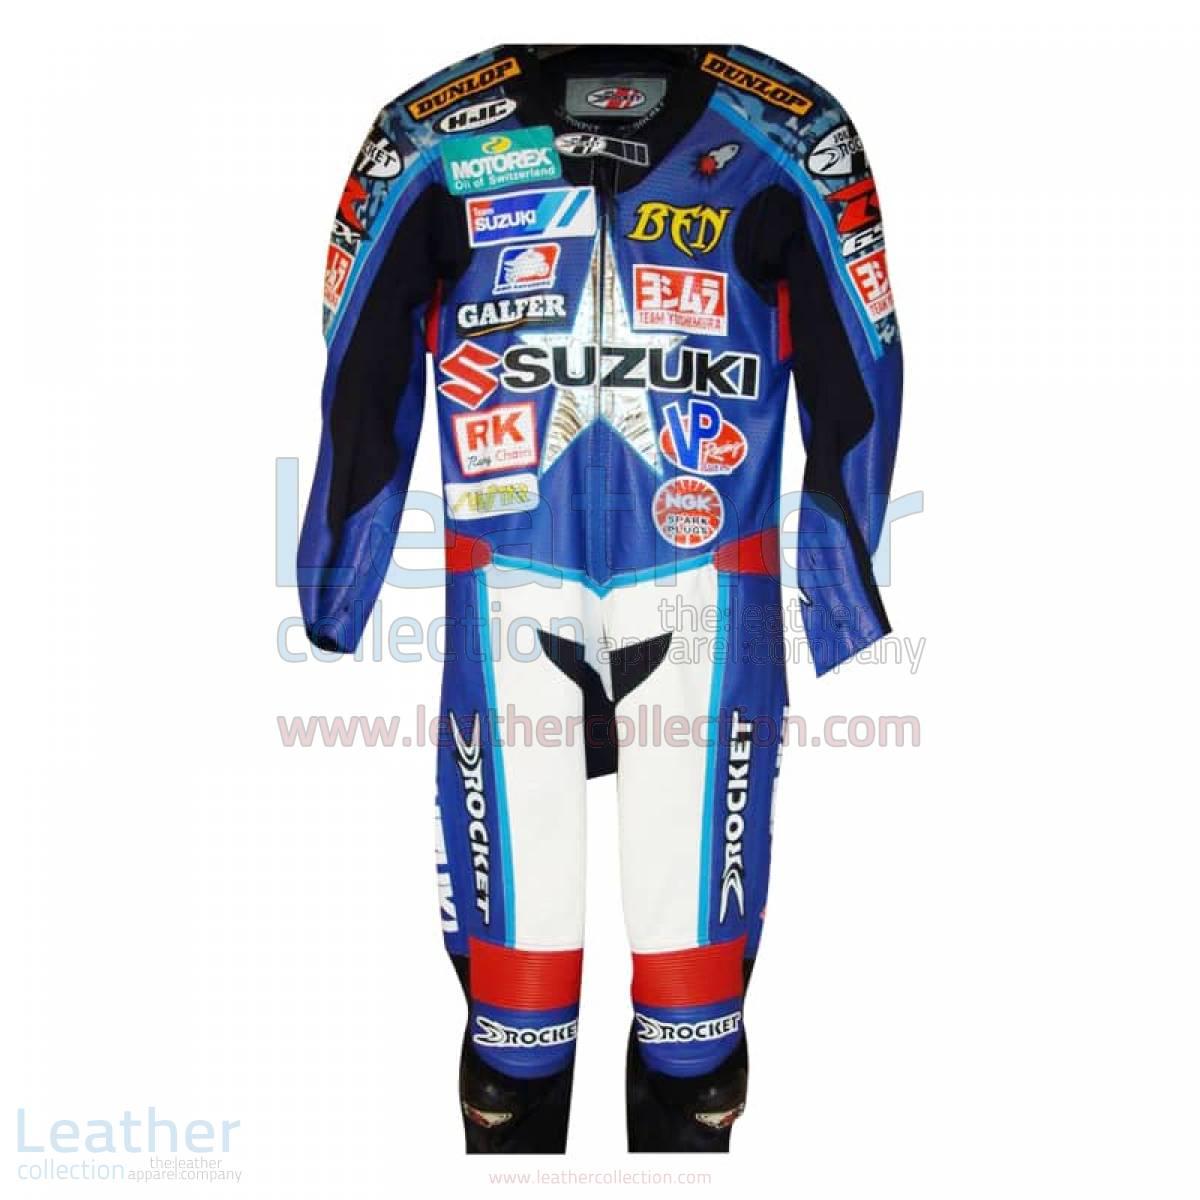 Ben Spies American Suzuki Leathers 2005 AMA